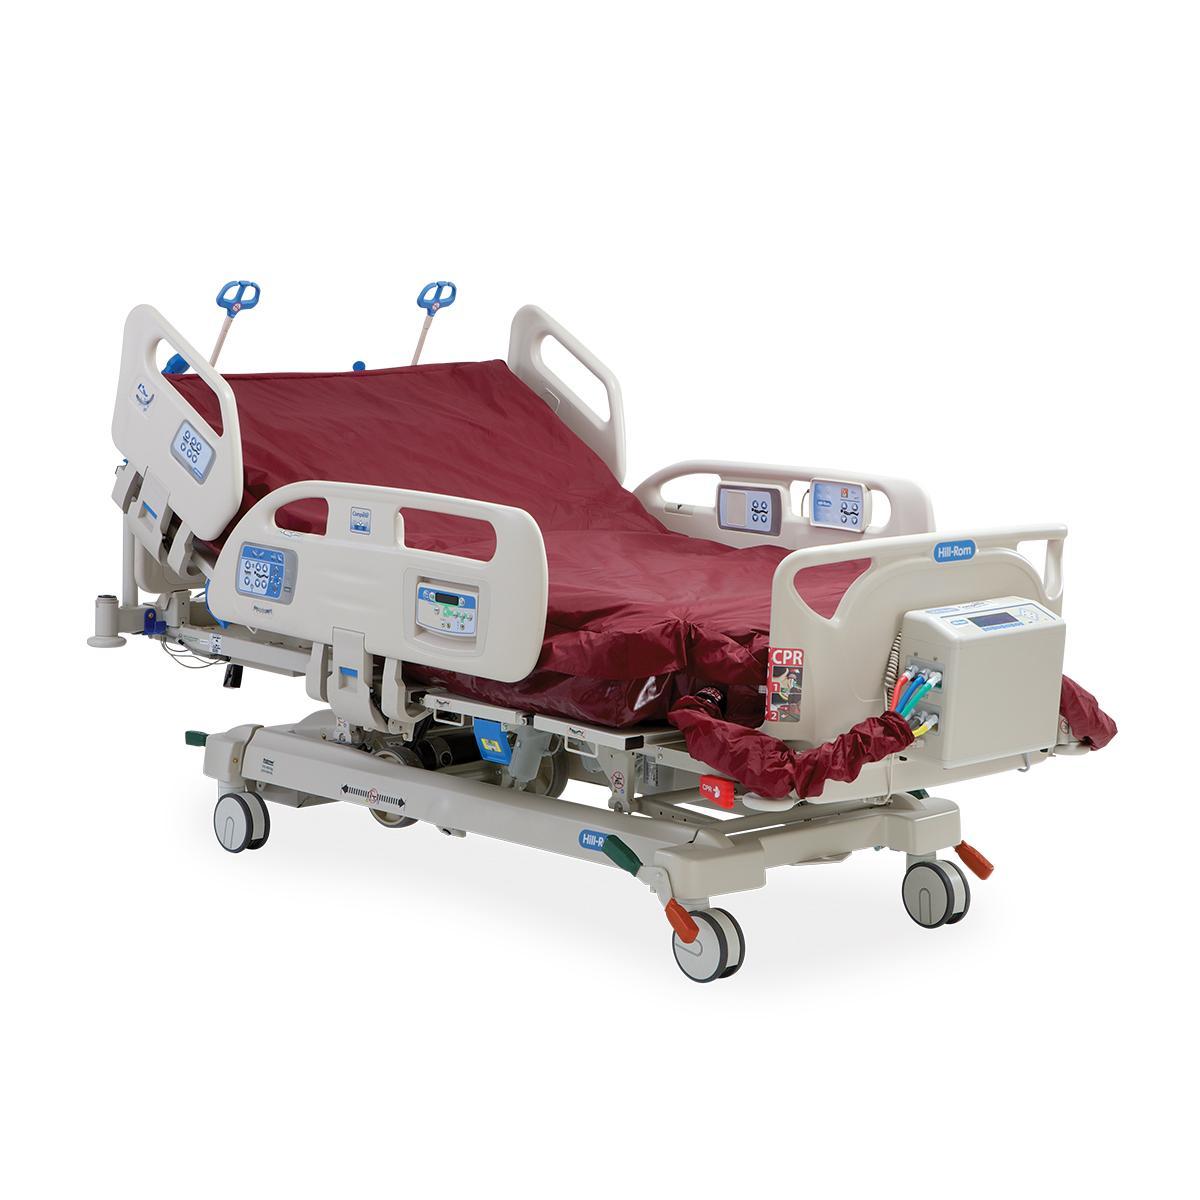 El diseño de la cama bariátrica Compella de Hillrom(TM) ayuda a preservar la dignidad gracias a su diseño, que se asemeja al de una cama de hospital estándar.